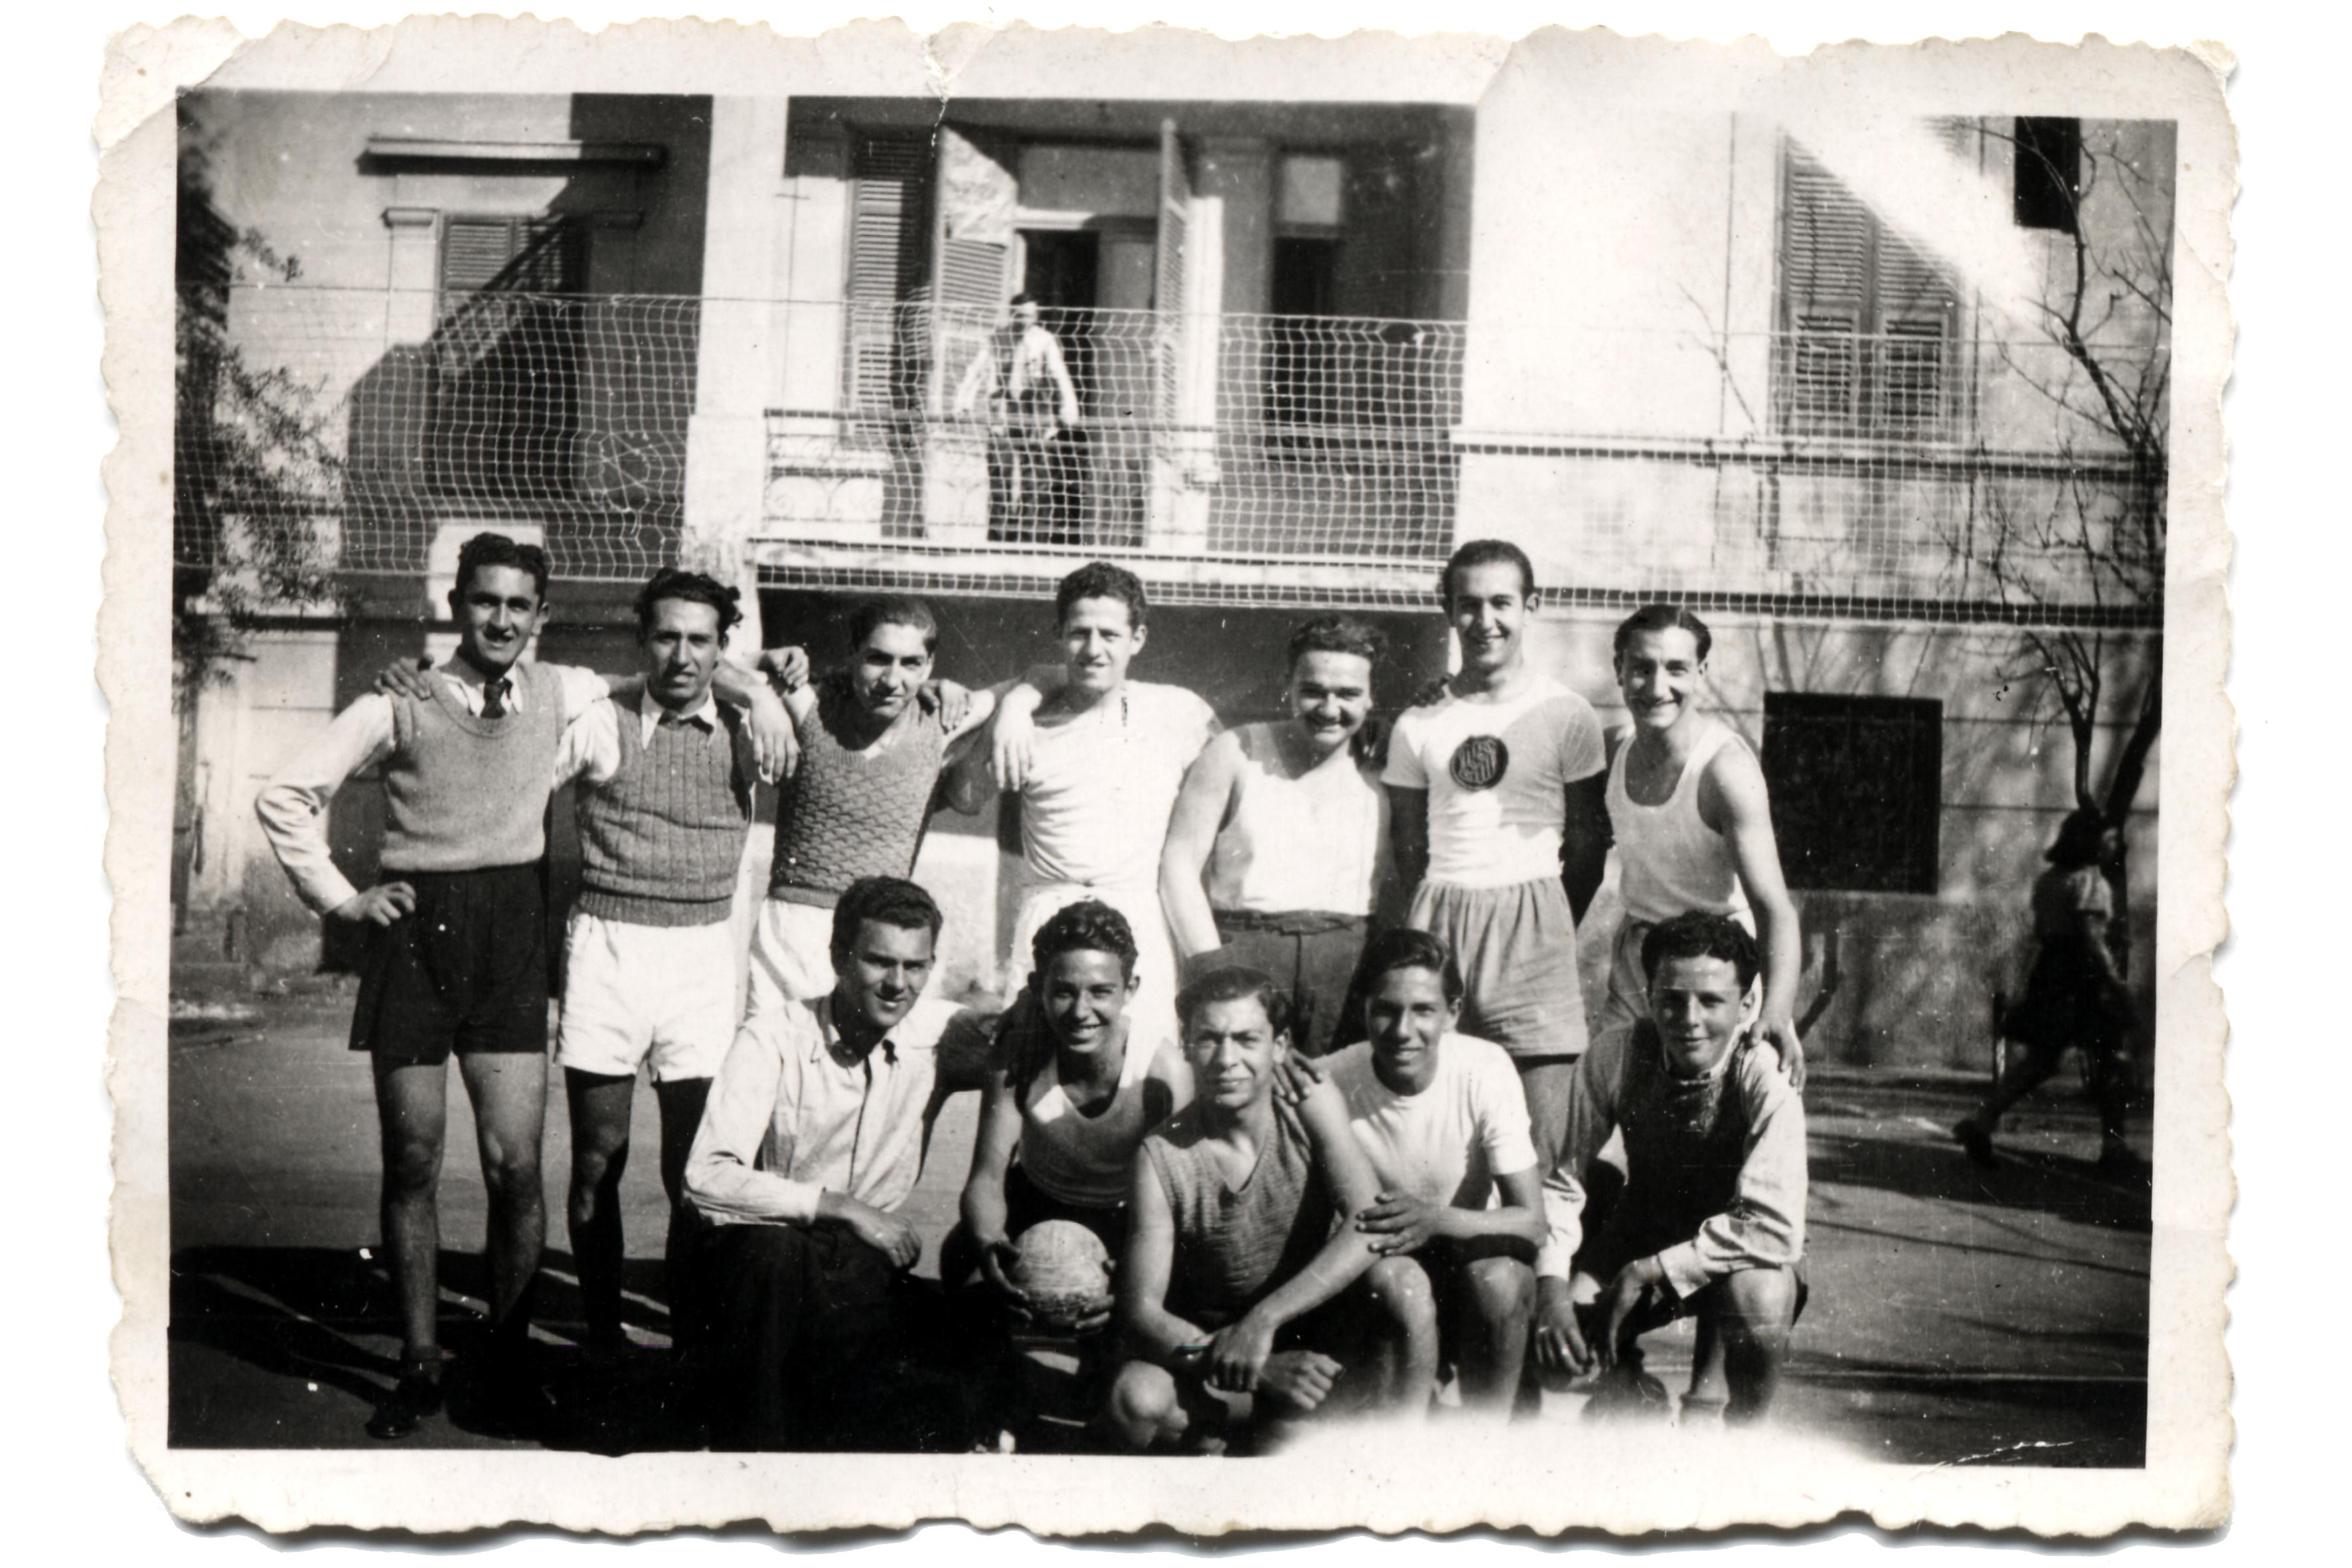 Deniz Nahmias with friends from Kostandinides school